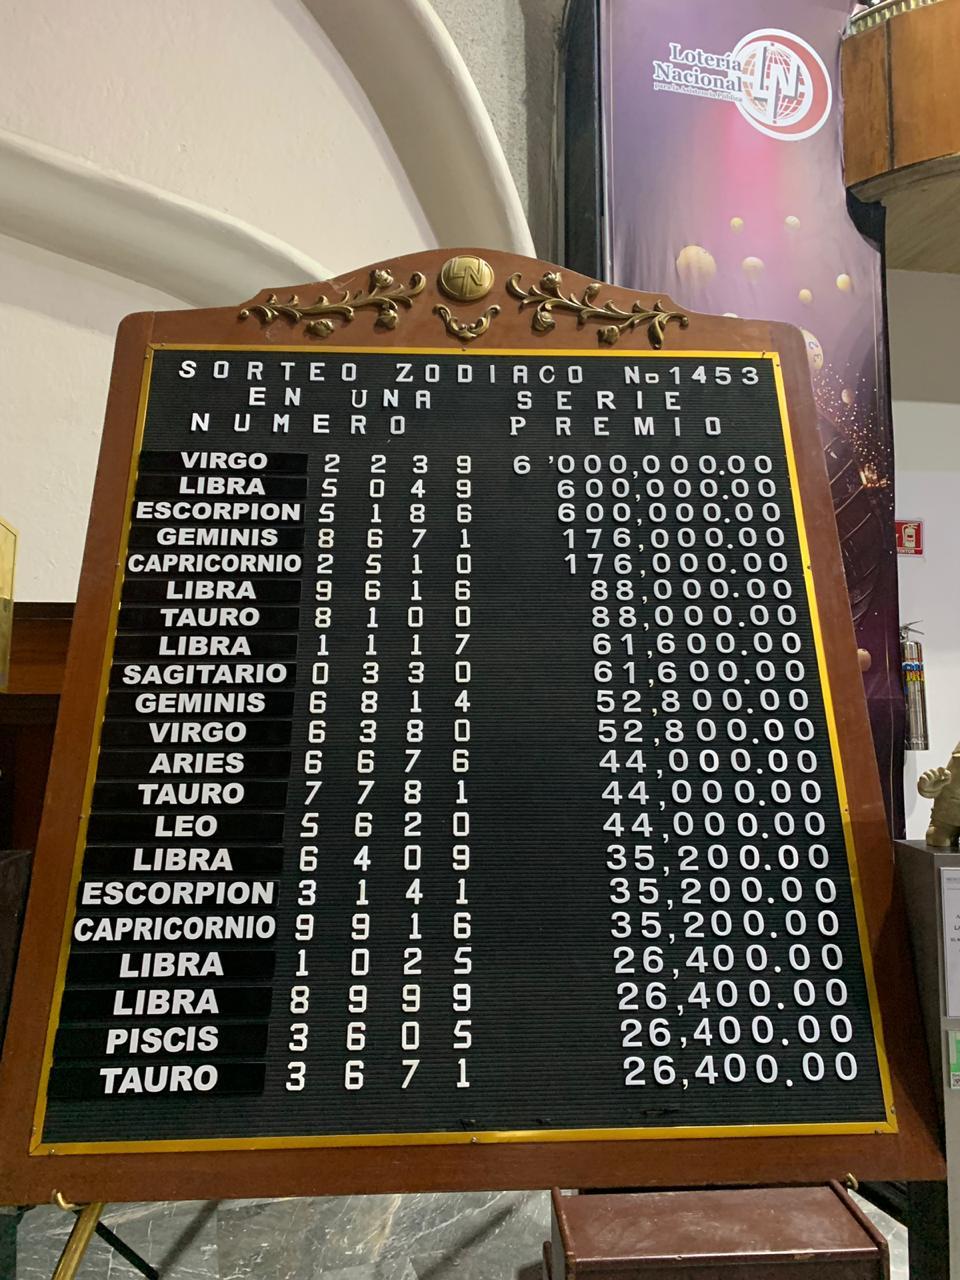 Resultado sorteo zodiaco 1453